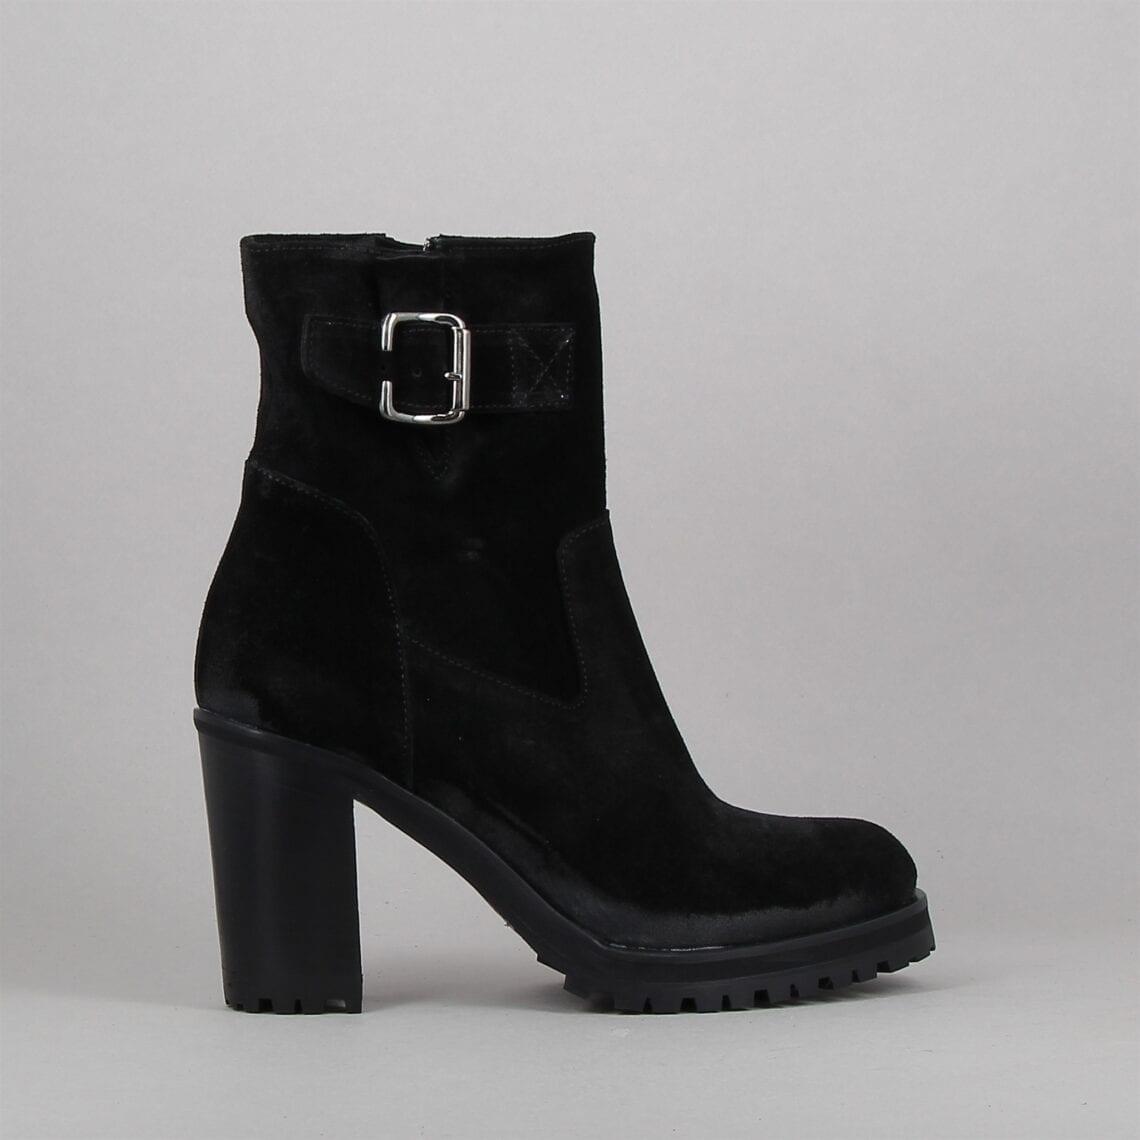 fizz-8-noir-183894018-0.jpg